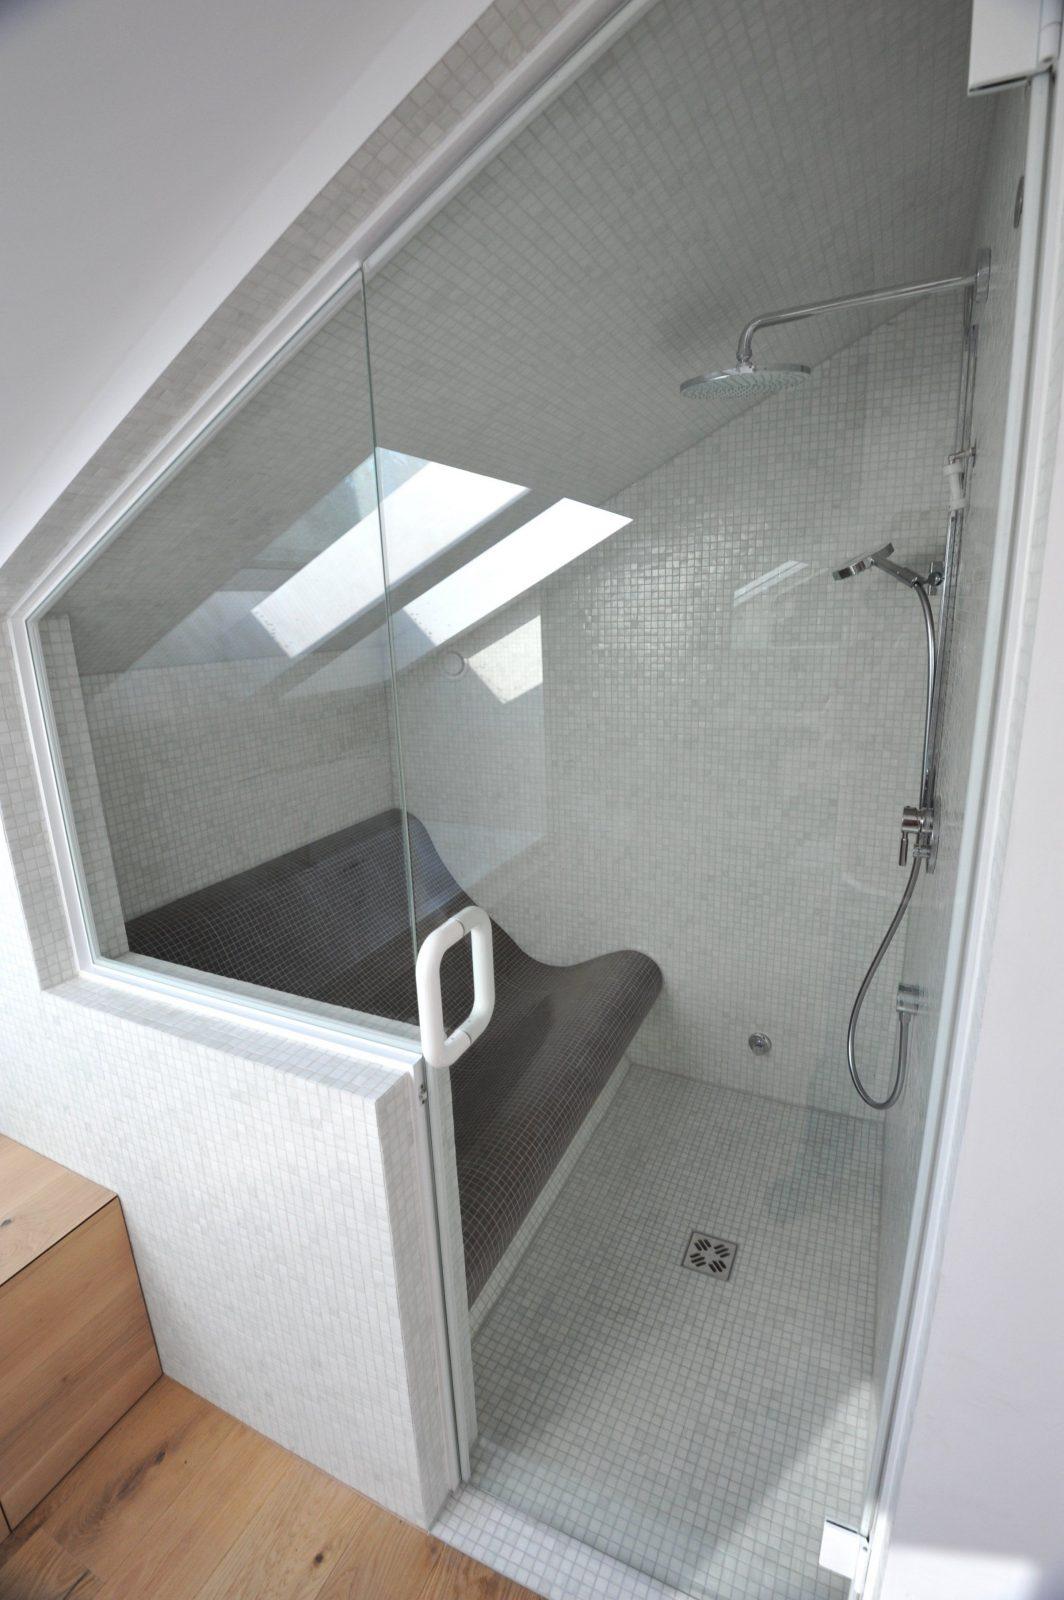 Elegant Duschkabine In Dachschrã Ge Mit Glasmack Montage Glas Alles von Dusche In Der Dachschräge Bild